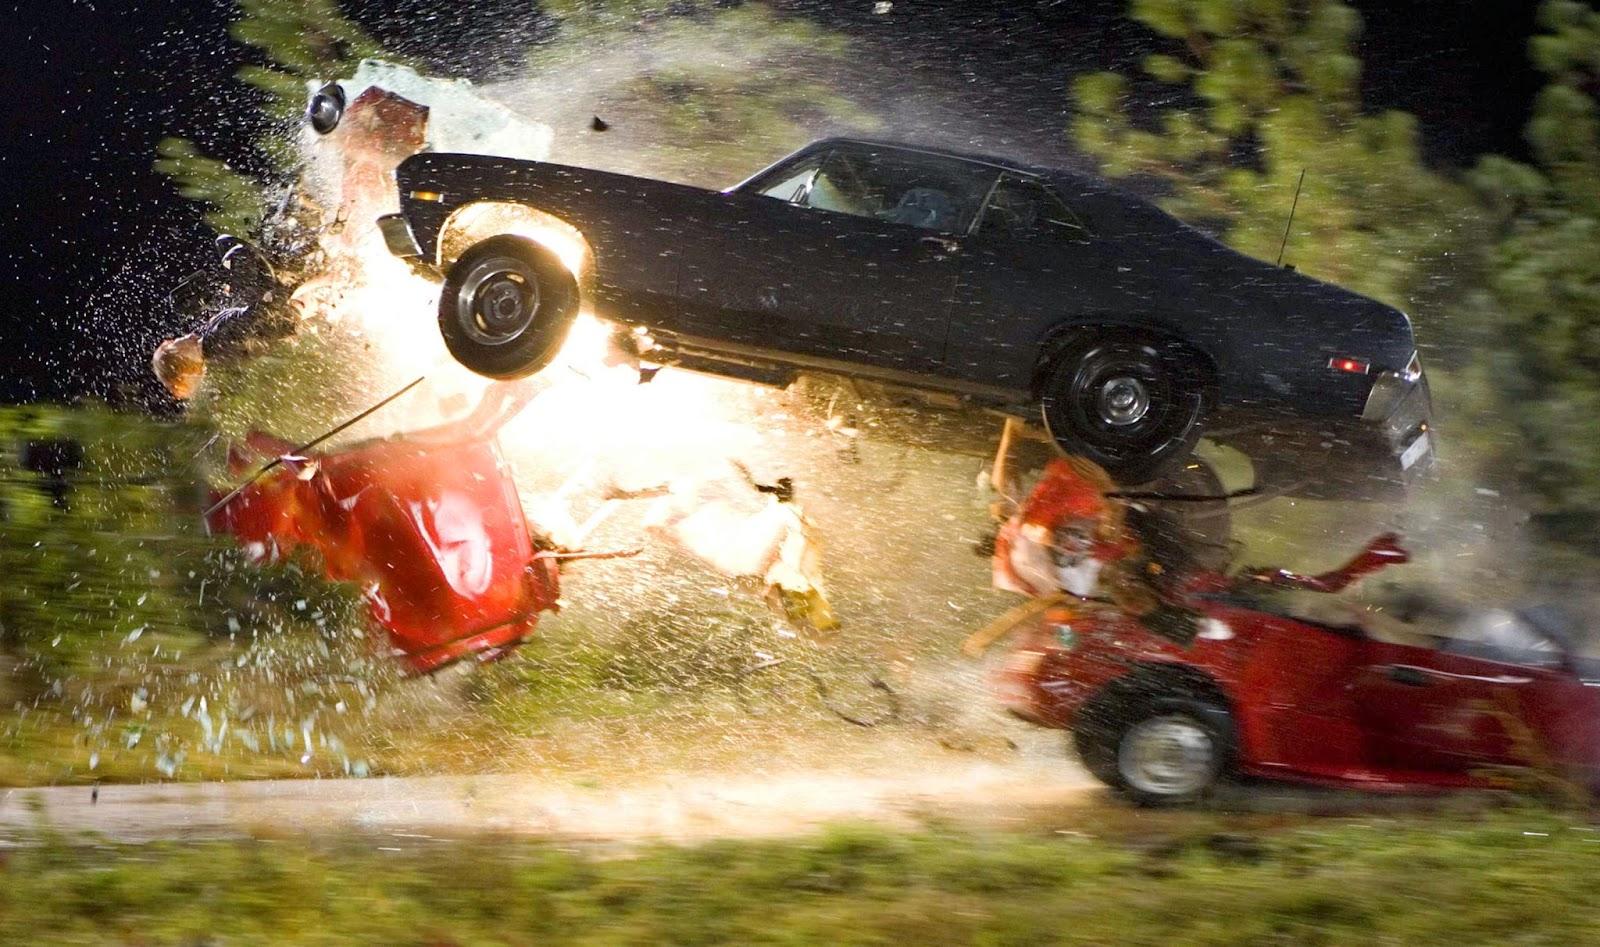 Un coche arrancando el techo de otro en pleno salto.